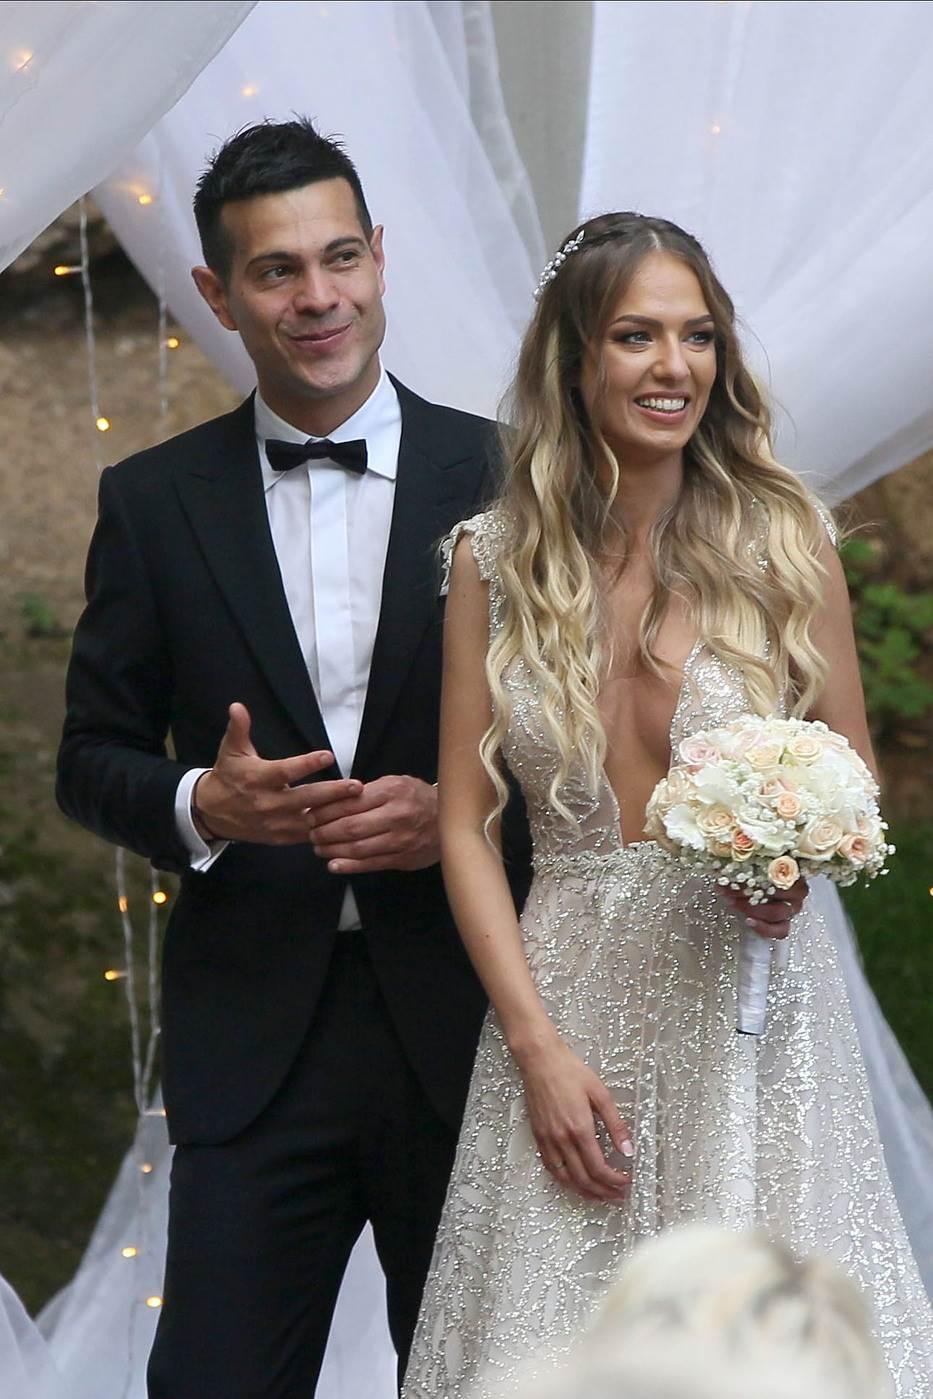 Tamarino i Lolino venčanje: Ko se kako obukao?